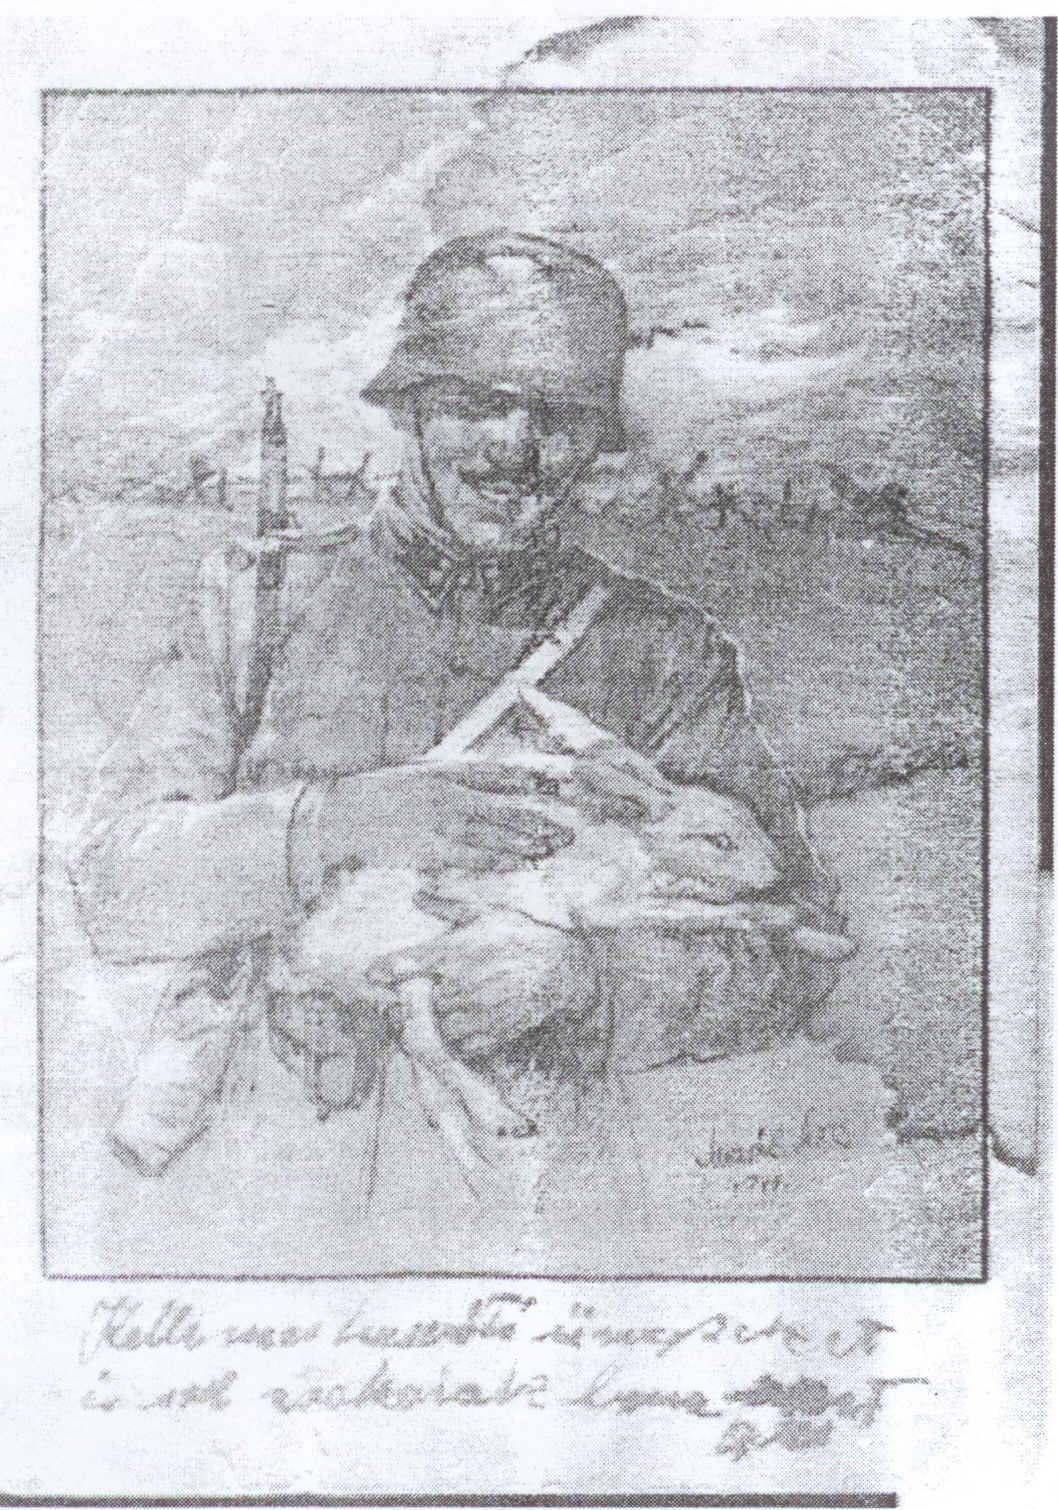 Csontos Zoltán húsvéti üdvözlete családjának a frontról, 1944 (2).jpg